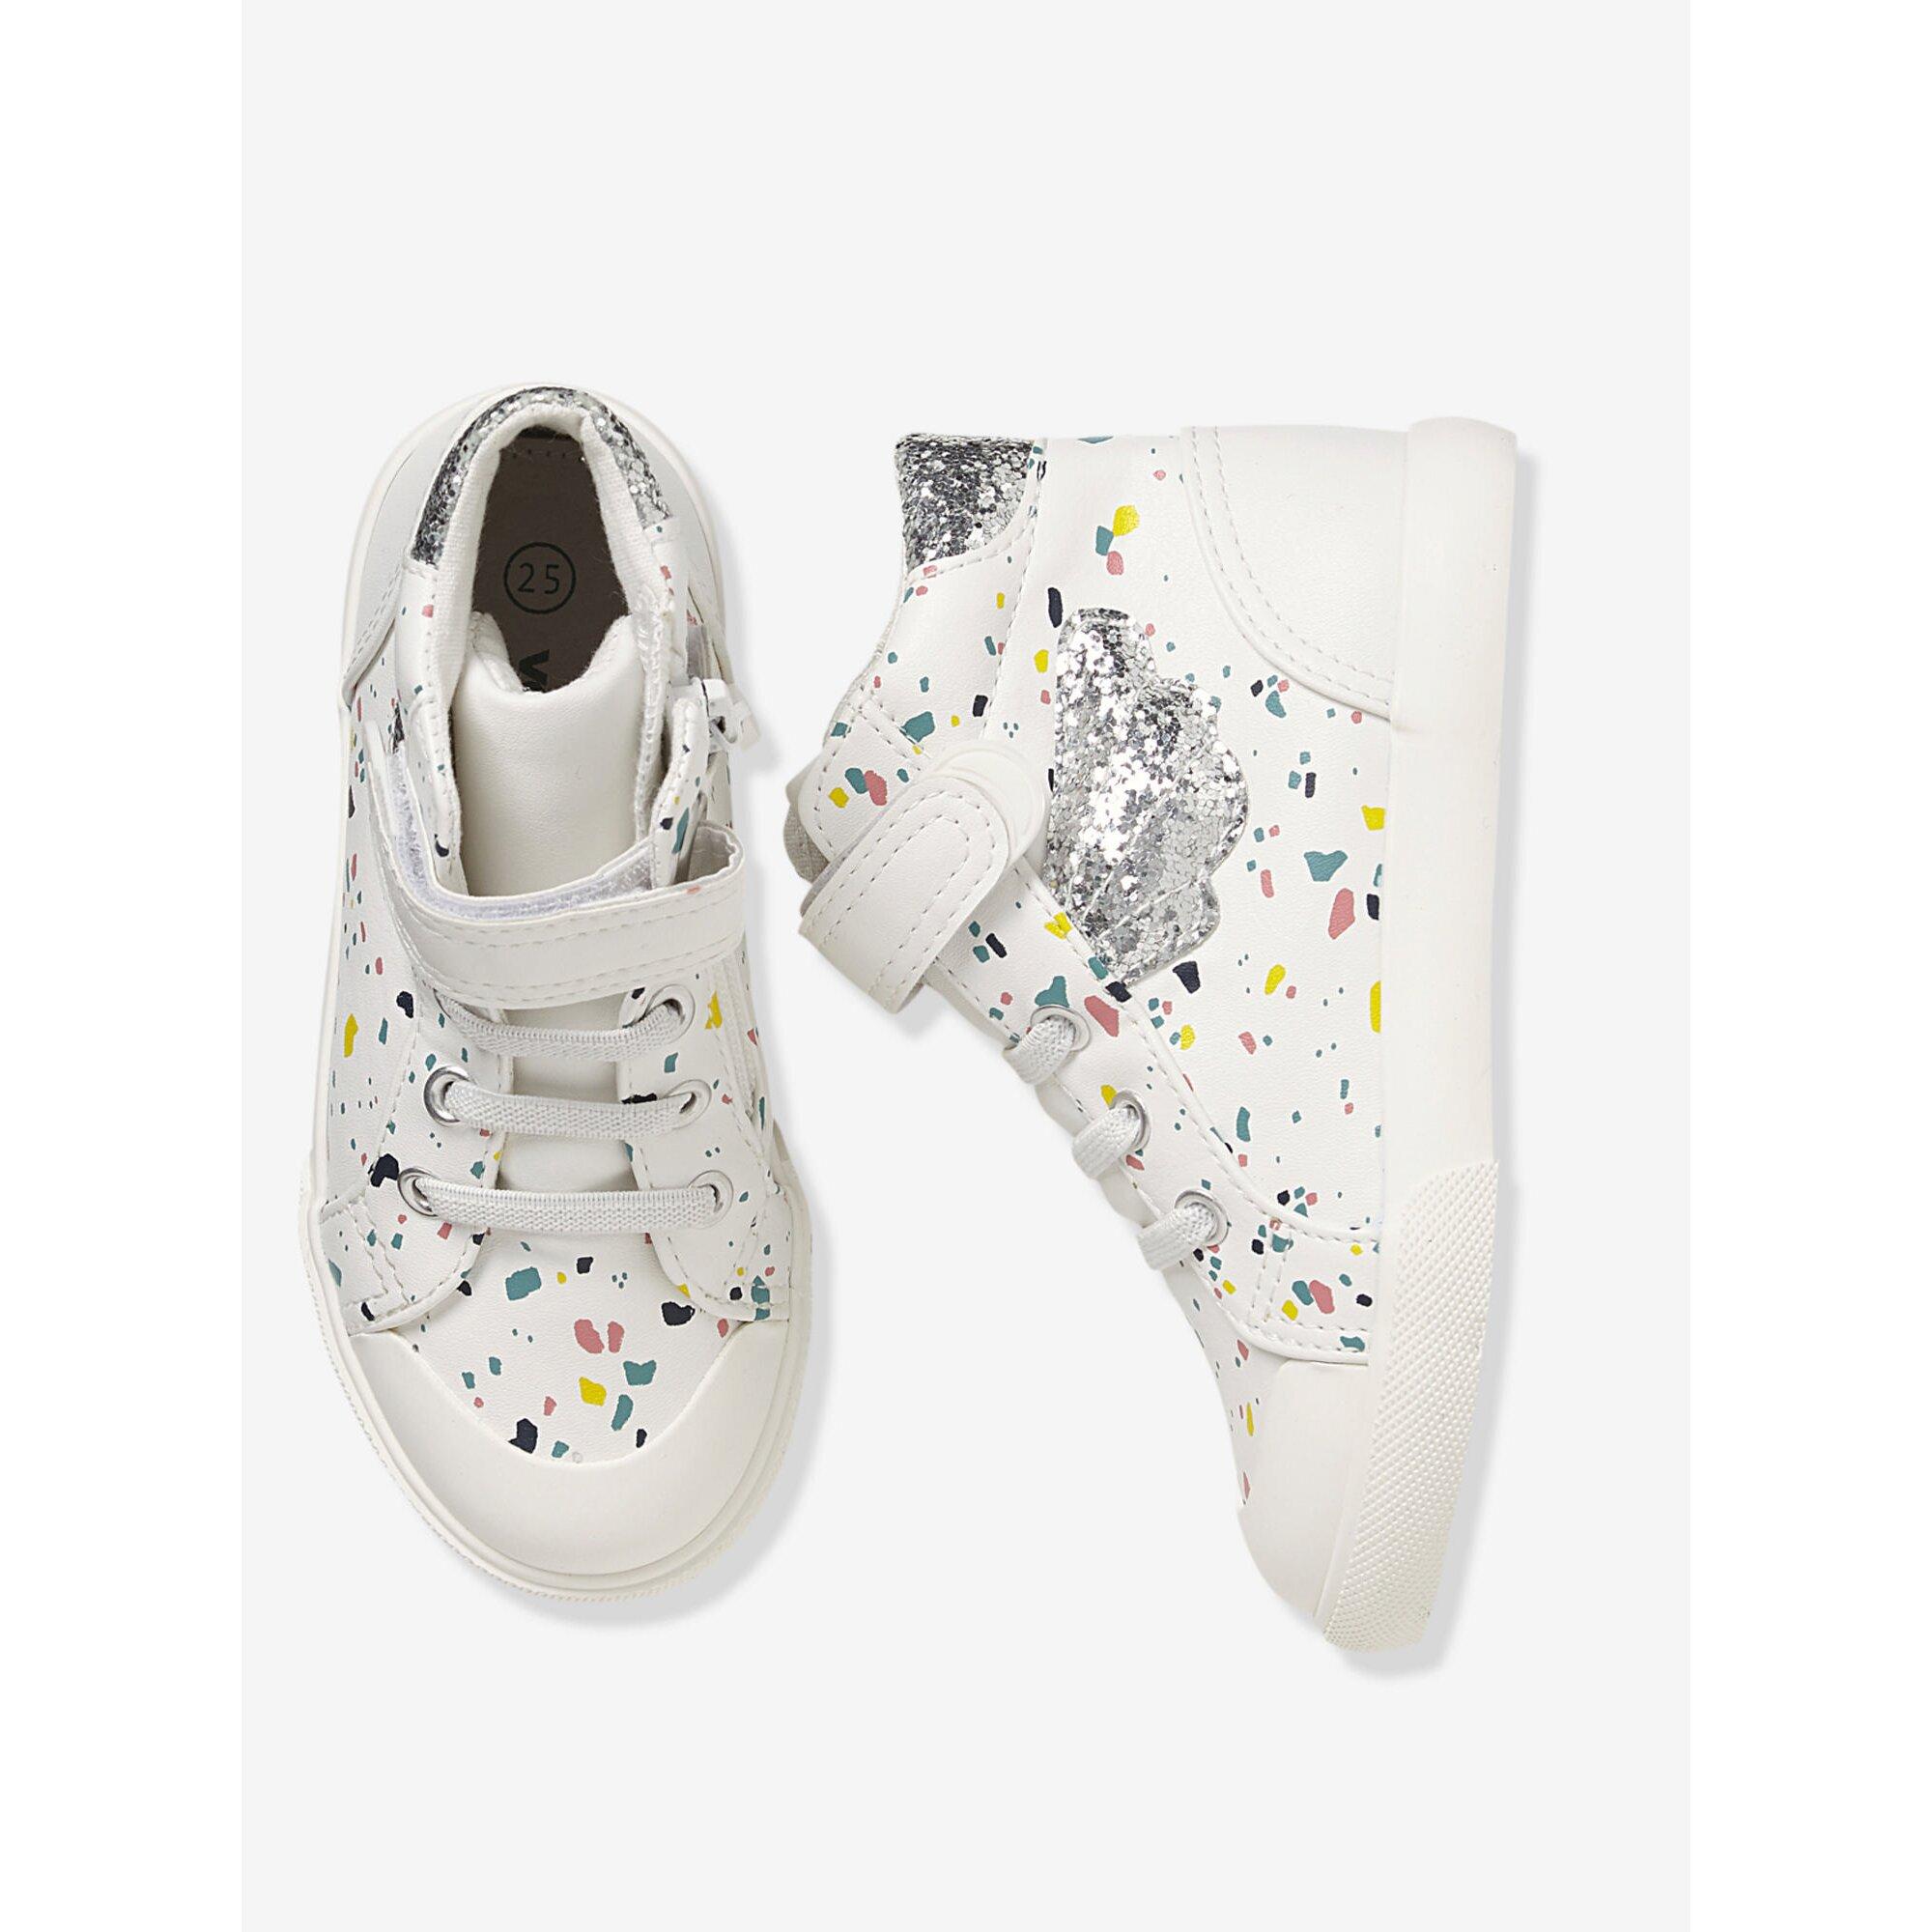 vertbaudet-hohe-sneakers-mit-anziehtrick-fur-madchen, 18.19 EUR @ babywalz-de